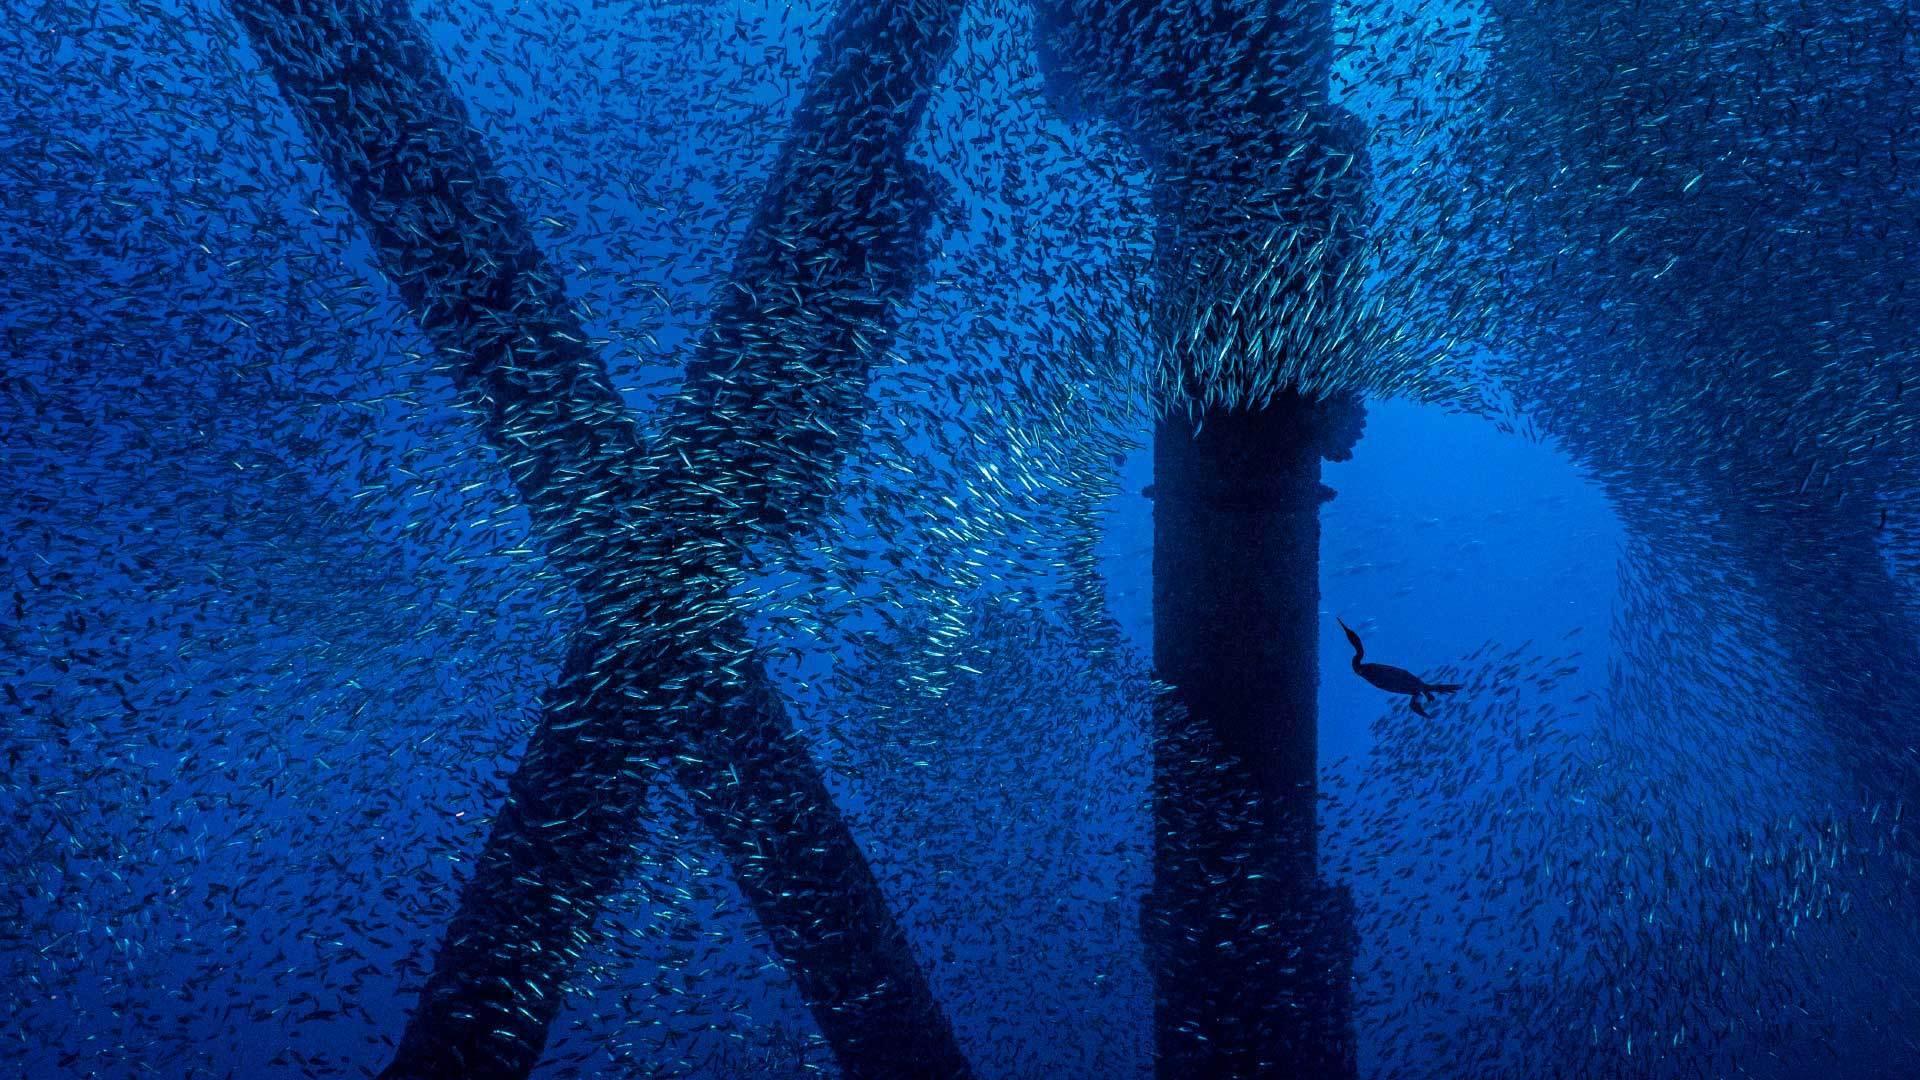 一只勃兰特鸬鹚在洛杉矶海岸石油钻塔下的一群太平洋鲭鱼中觅食勃兰特鸬鹚